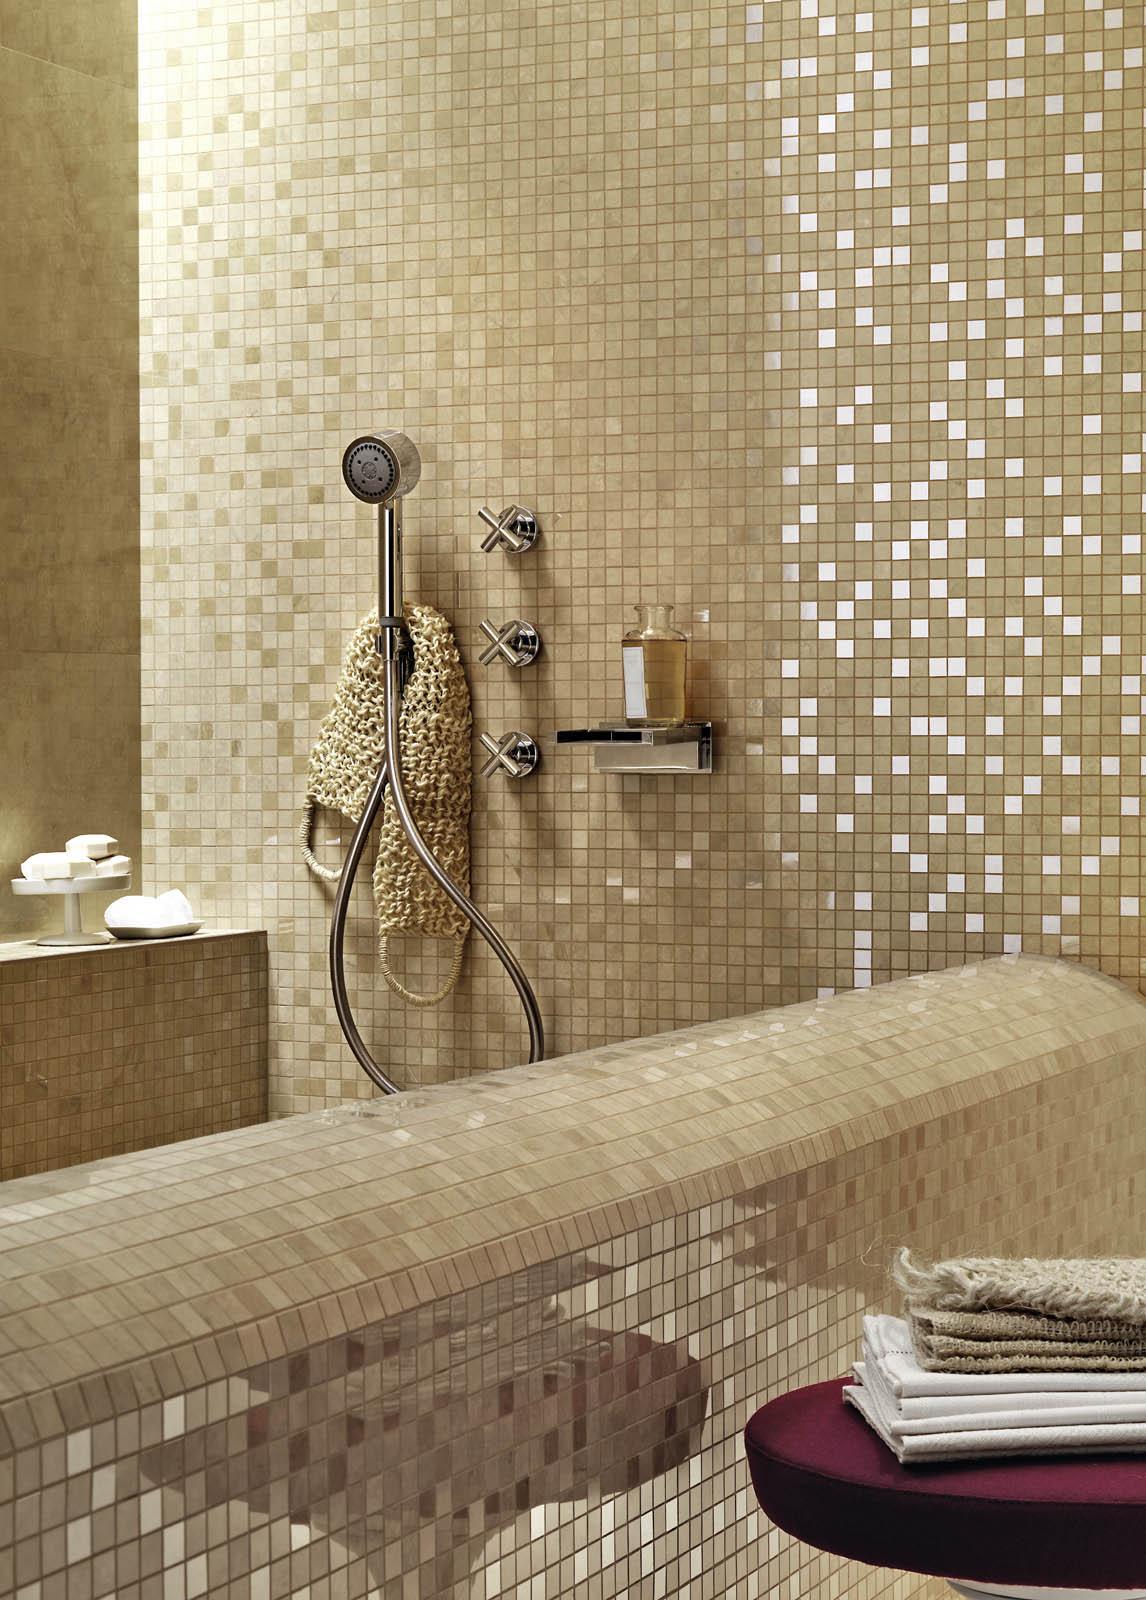 Piastrelle a mosaico per bagno e altri ambienti | Marazzi